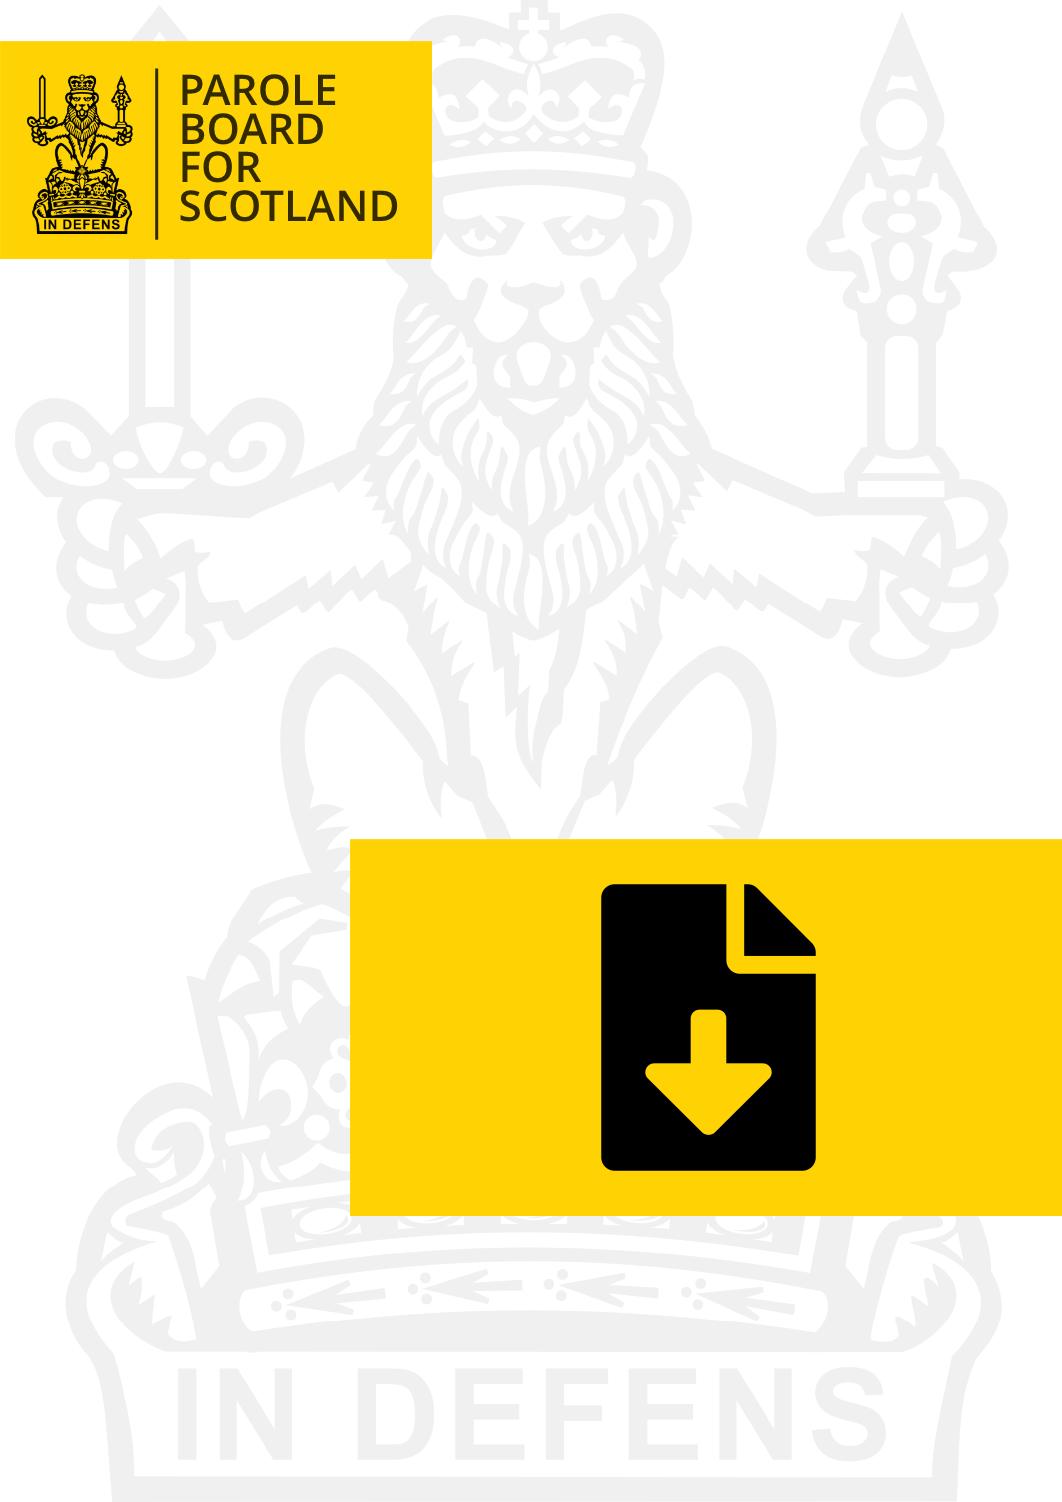 Members Guidance Manual - Cover image